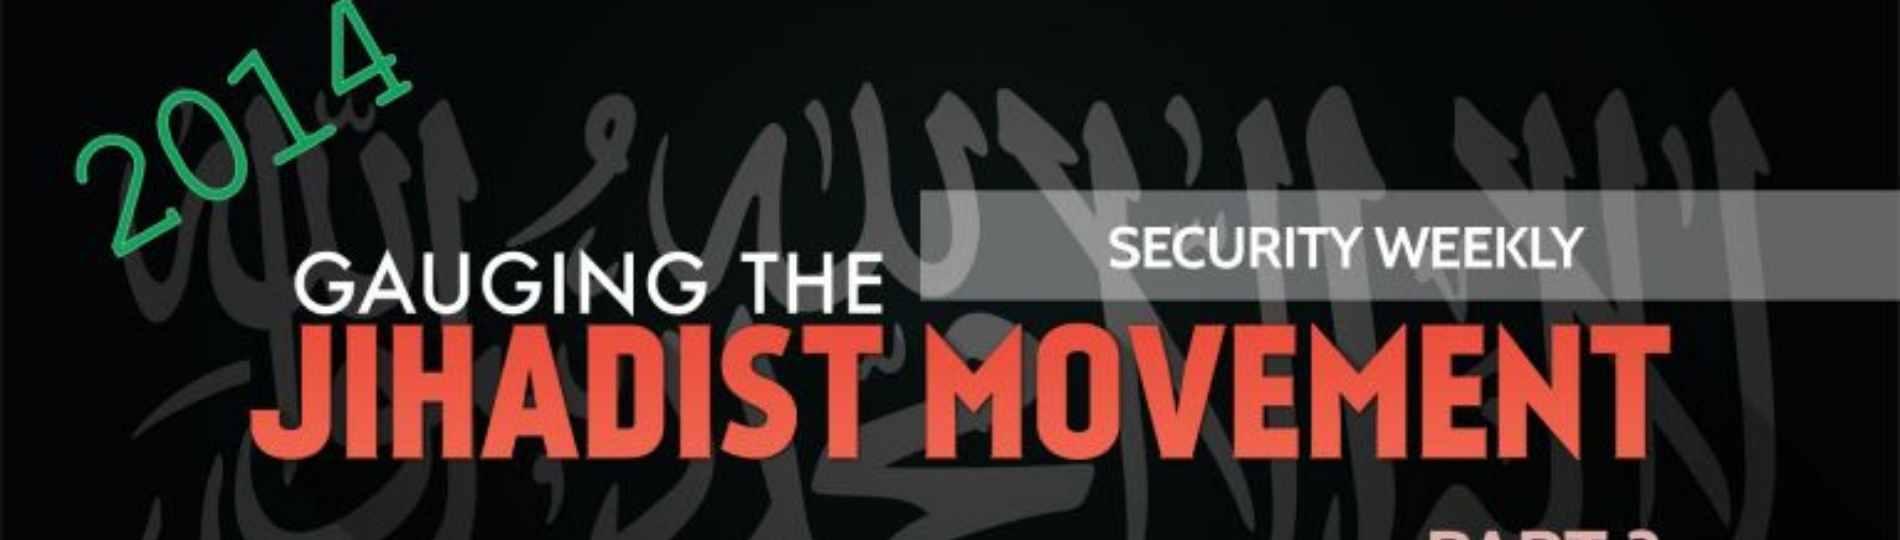 jihadist movement